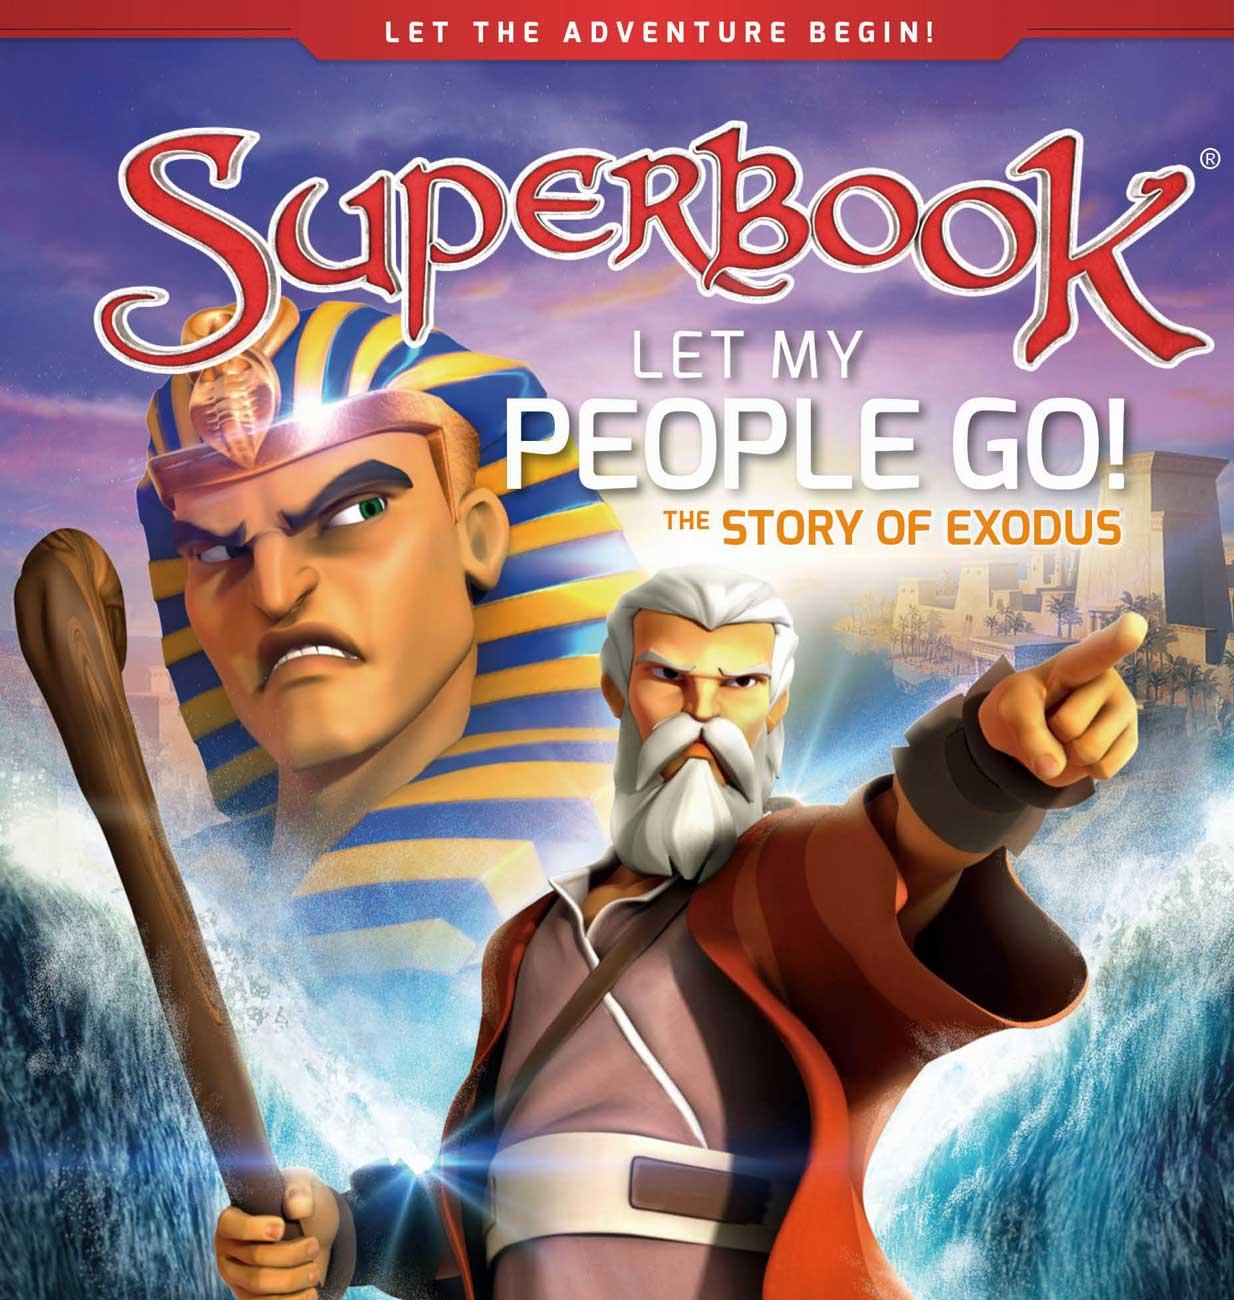 Superbook book form